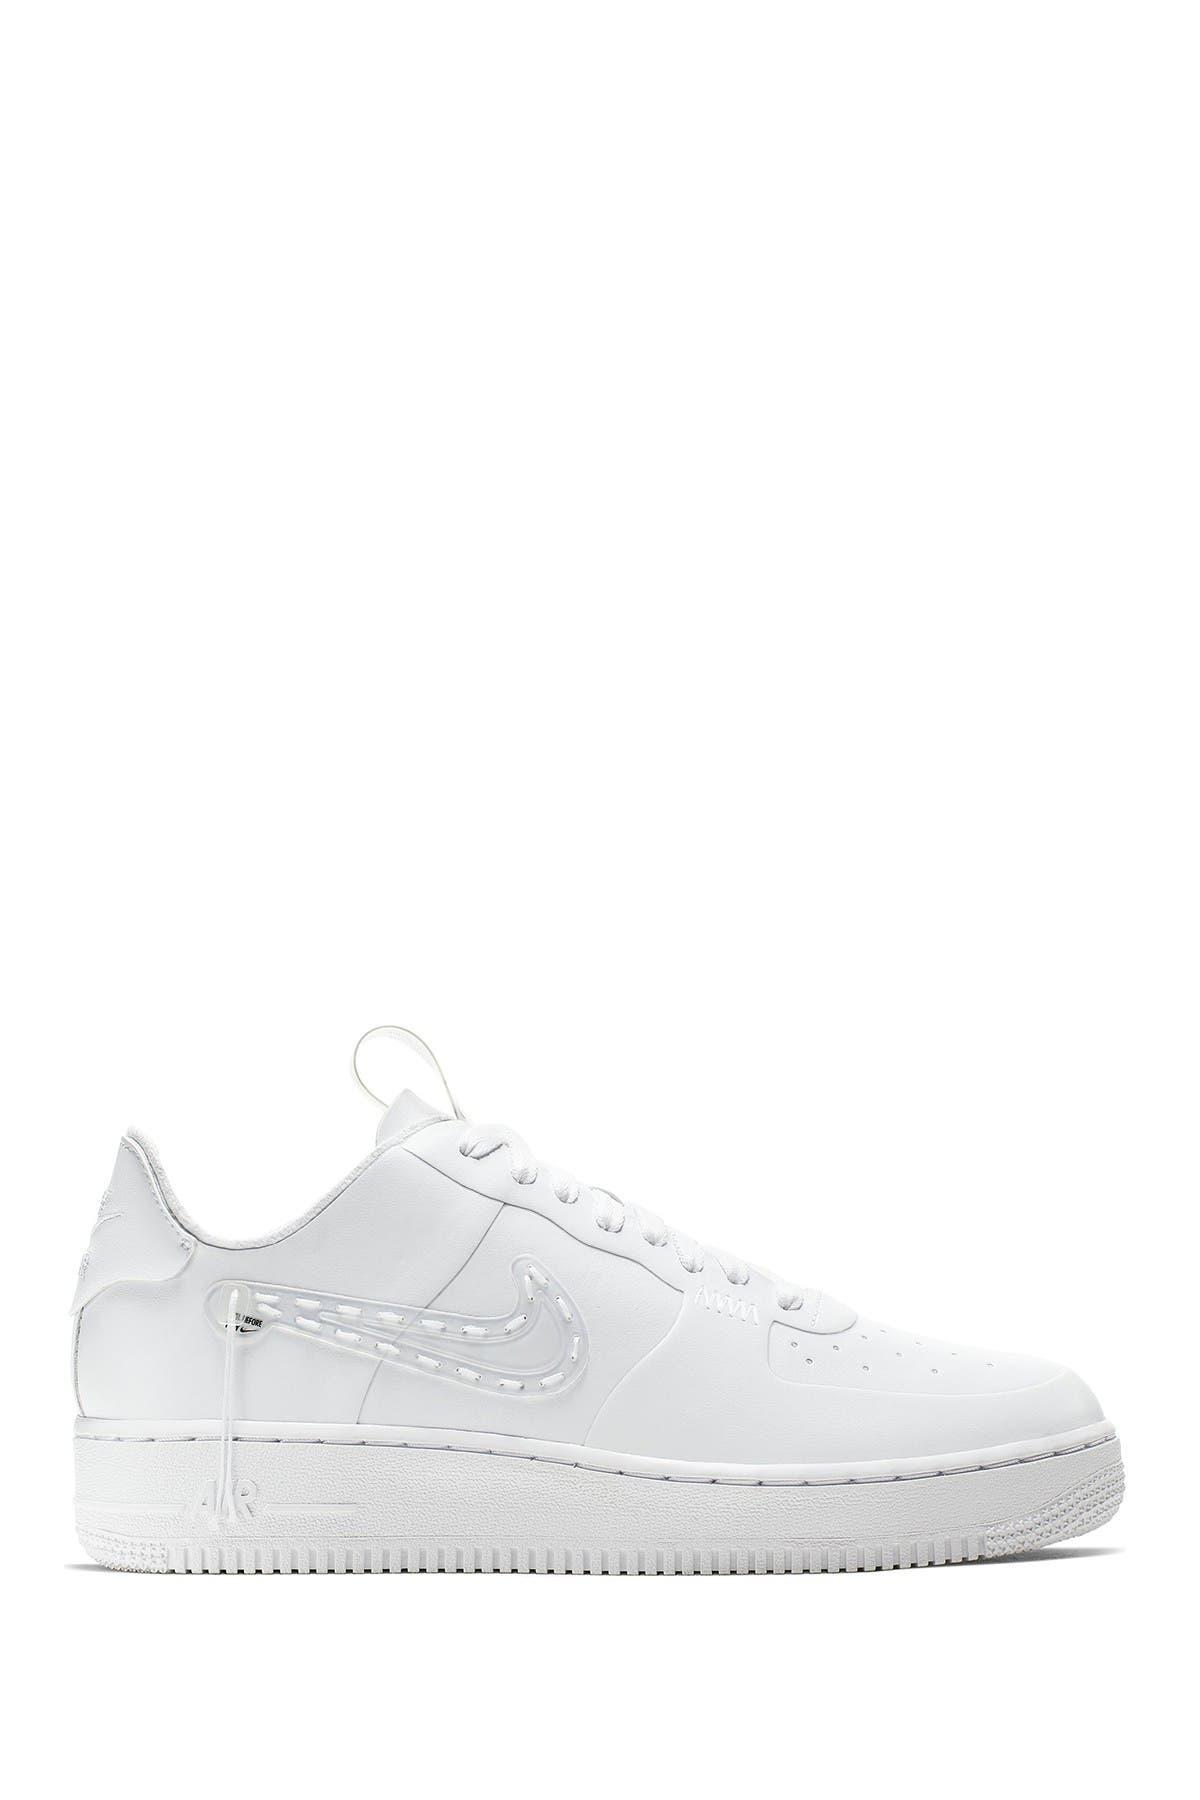 Nike   Air Force 1 Low Premium Sneaker